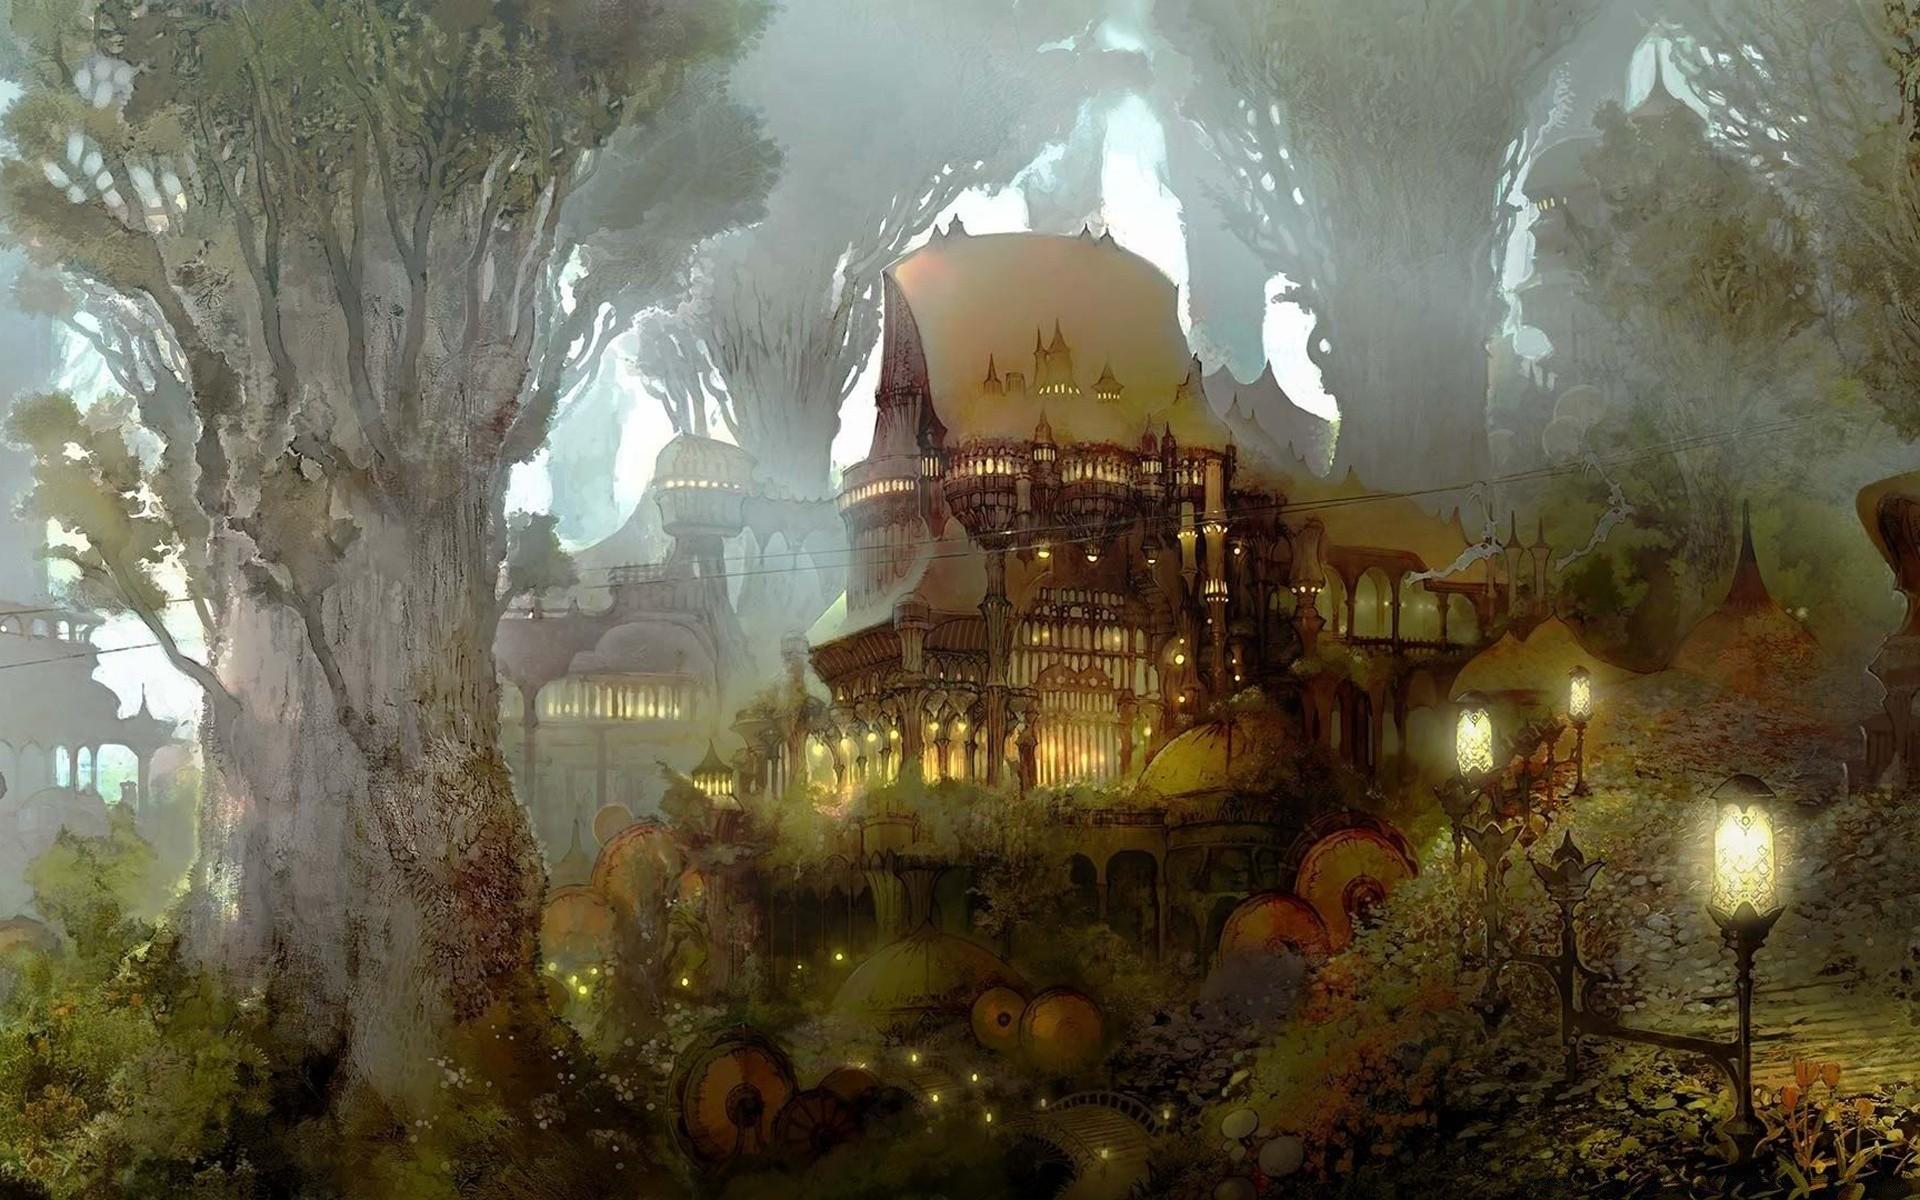 Замок в лучах света  № 917230 без смс